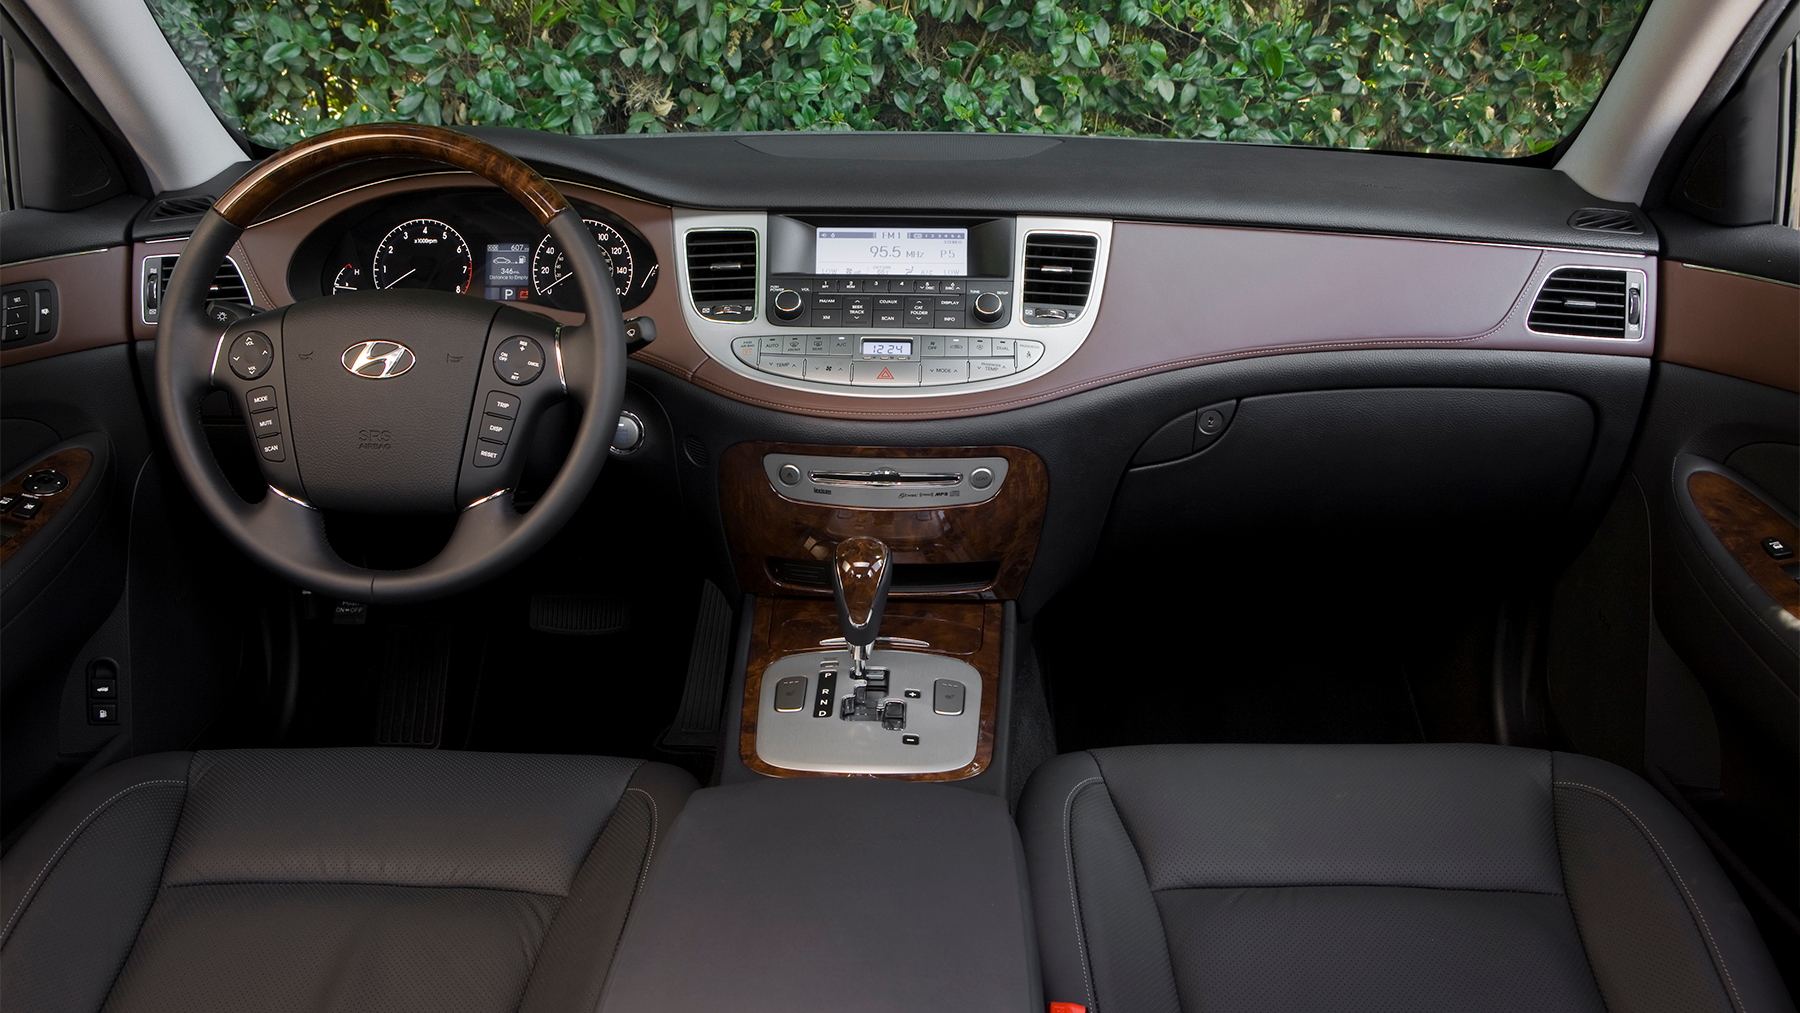 2009 hyundai genesis sedan 017